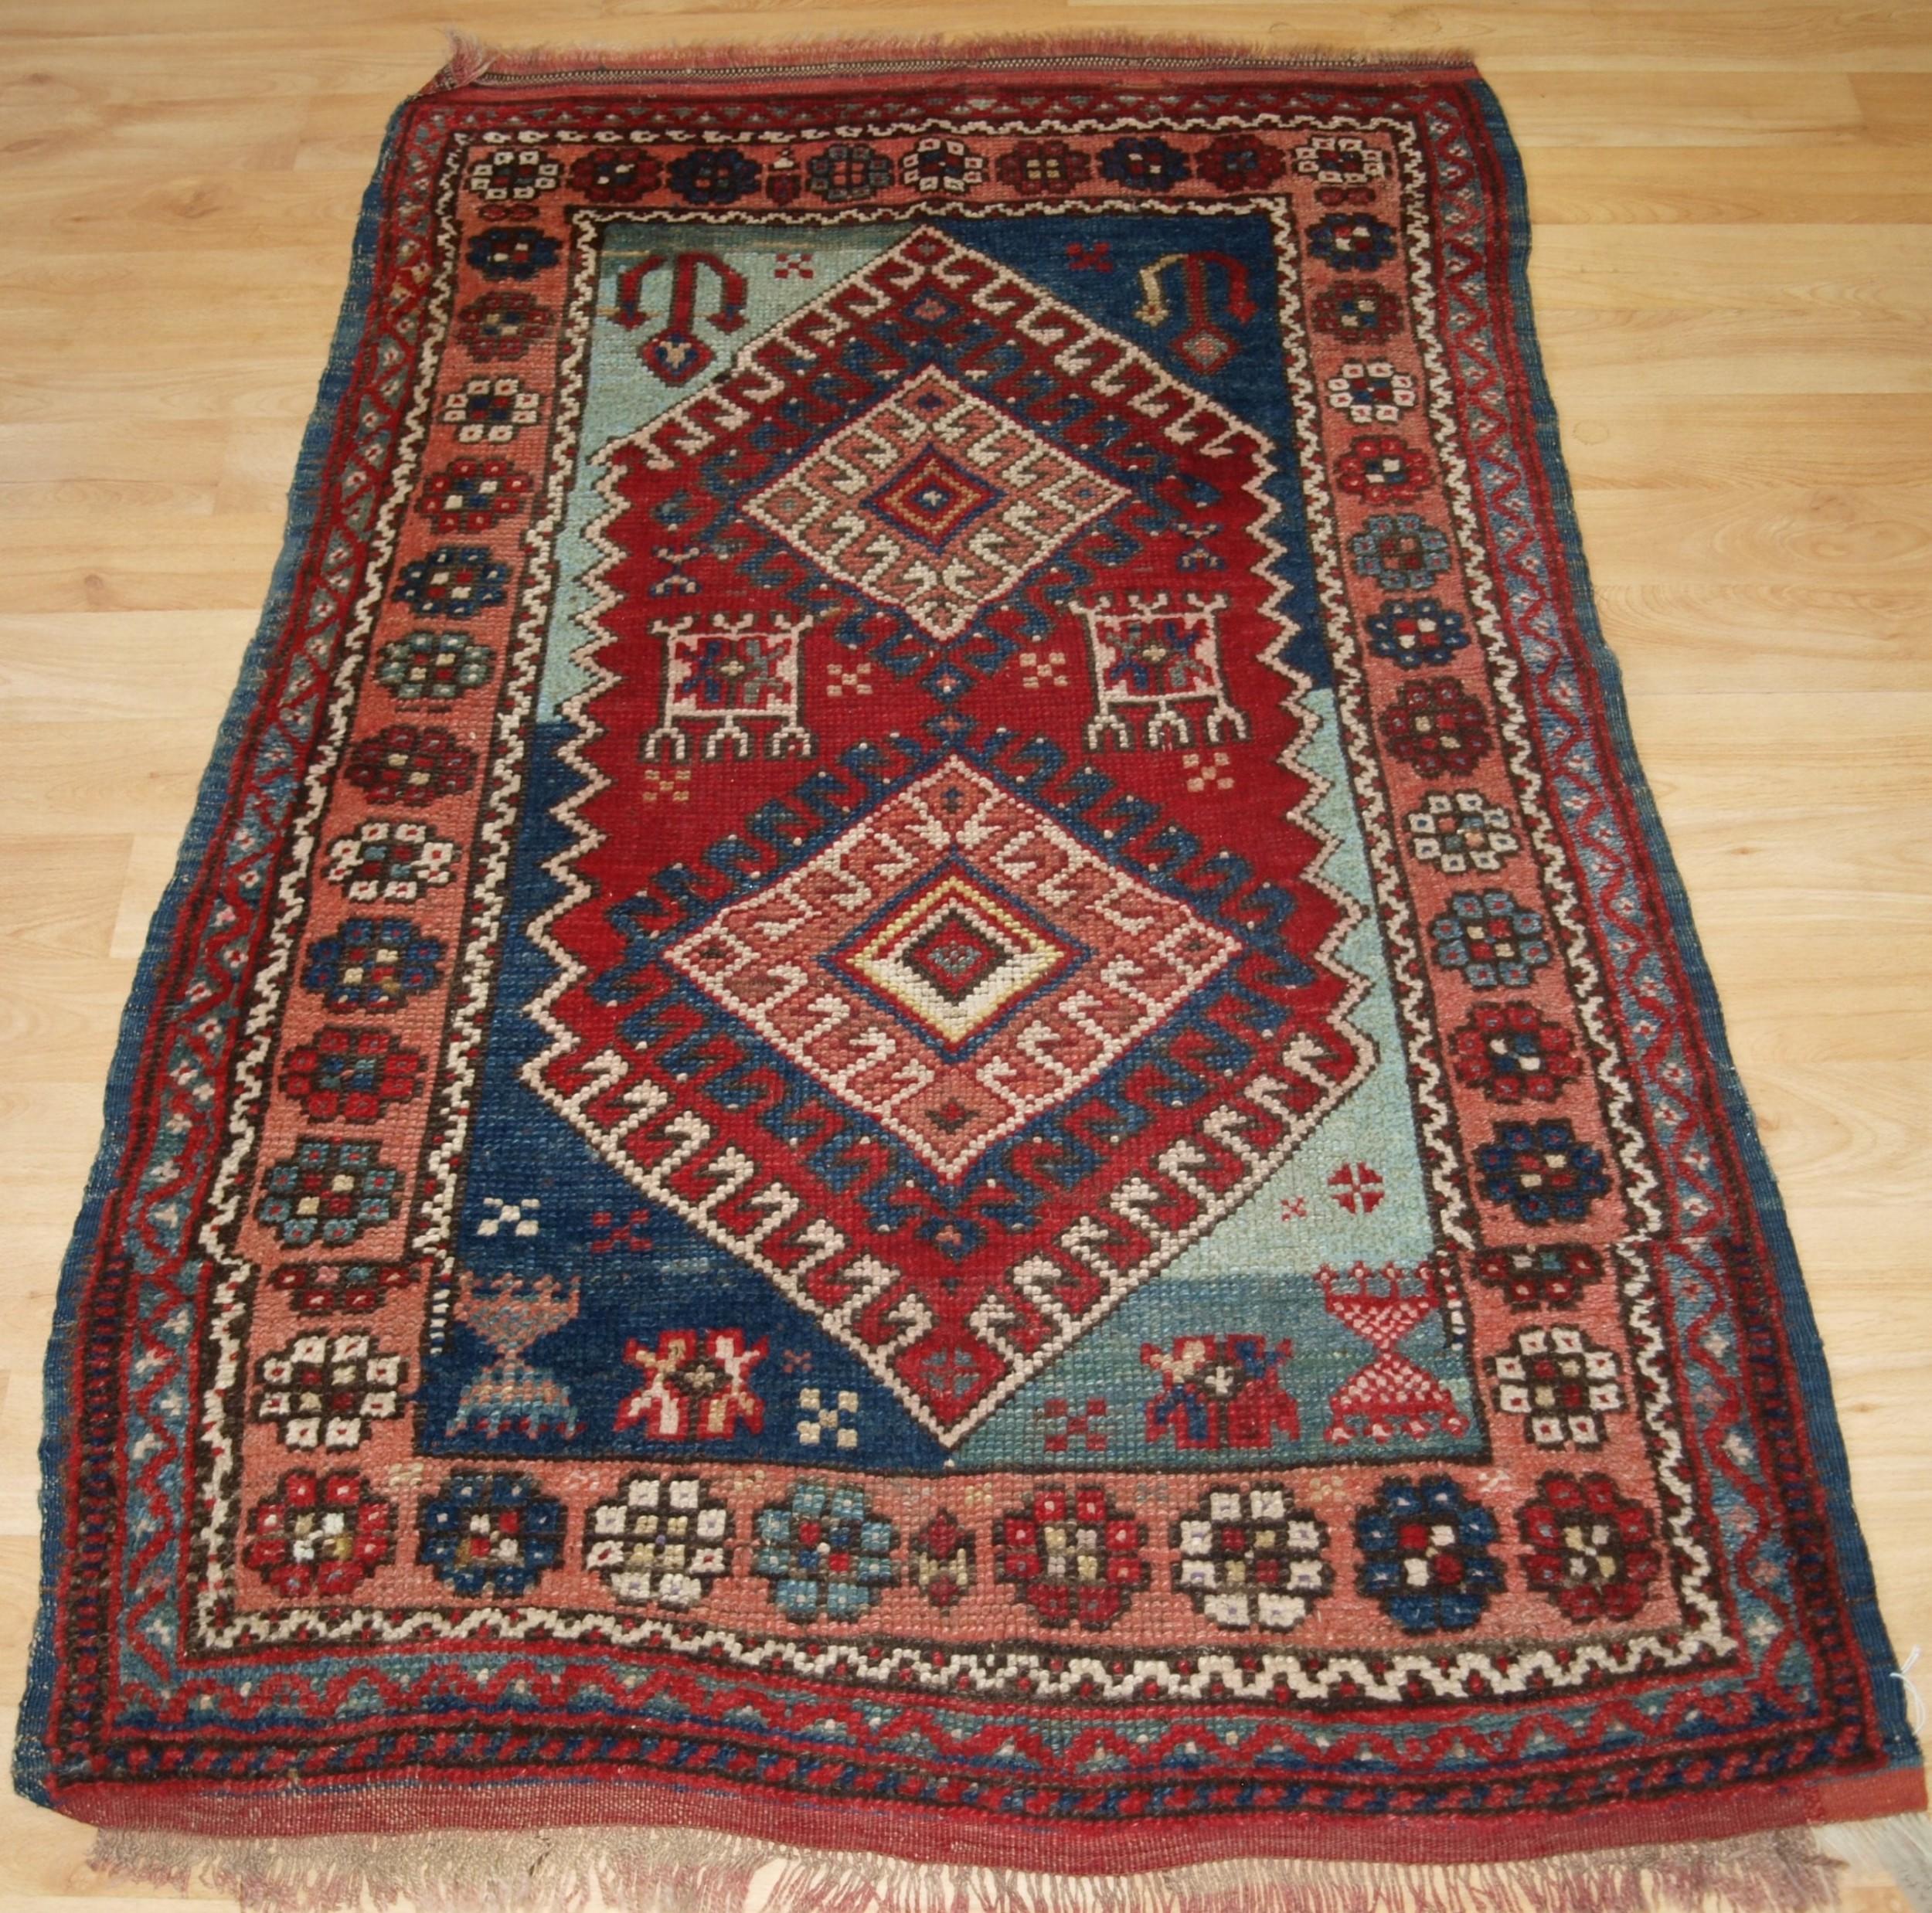 antique turkish bergama region village rug rustic design circa 1900